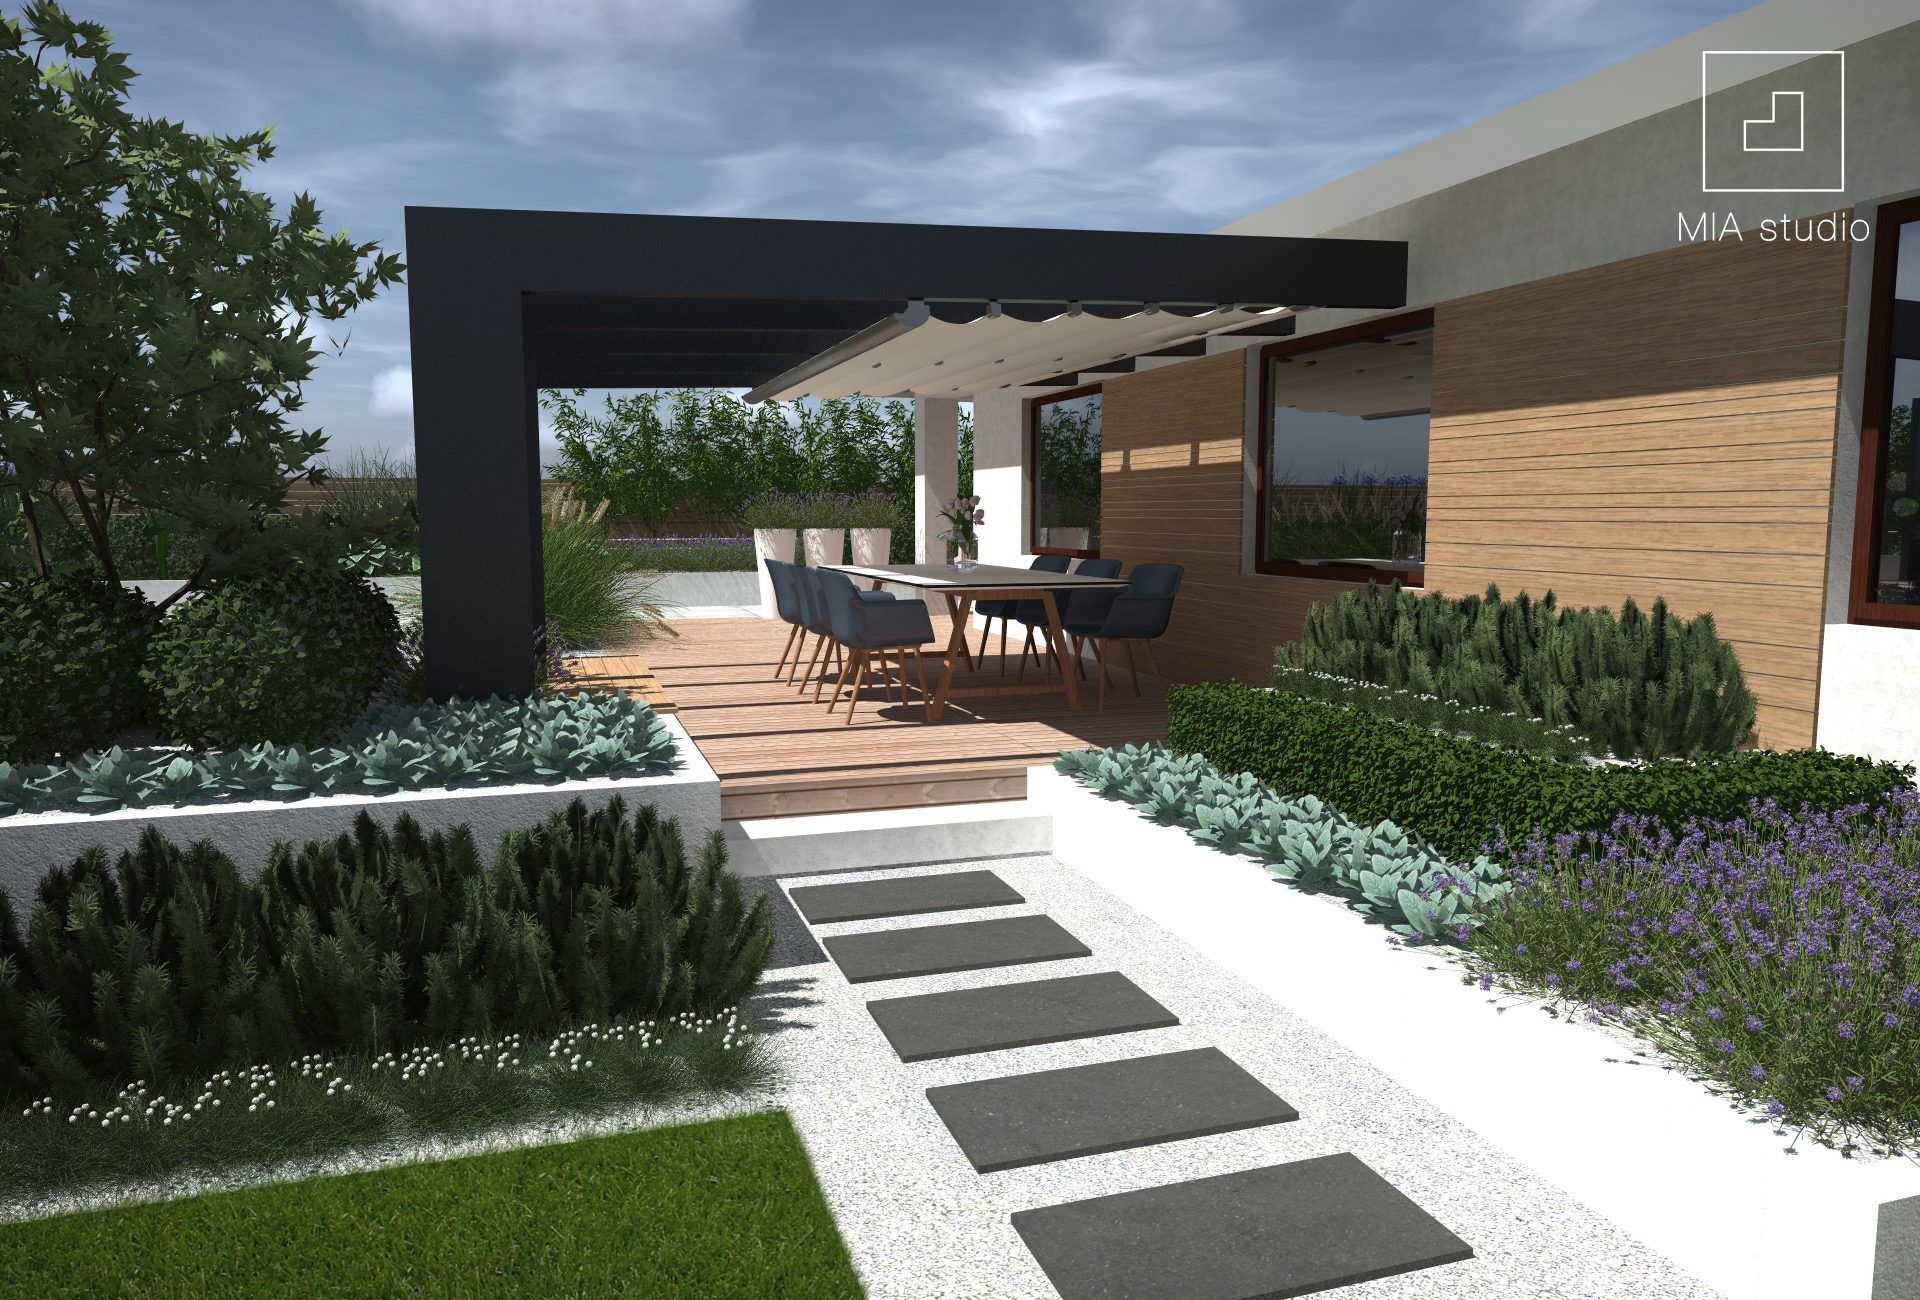 Ogrod Nowoczesny Z Donicami Mia Studio In 2020 Minimalistischer Garten Terrassenpergola Pergola